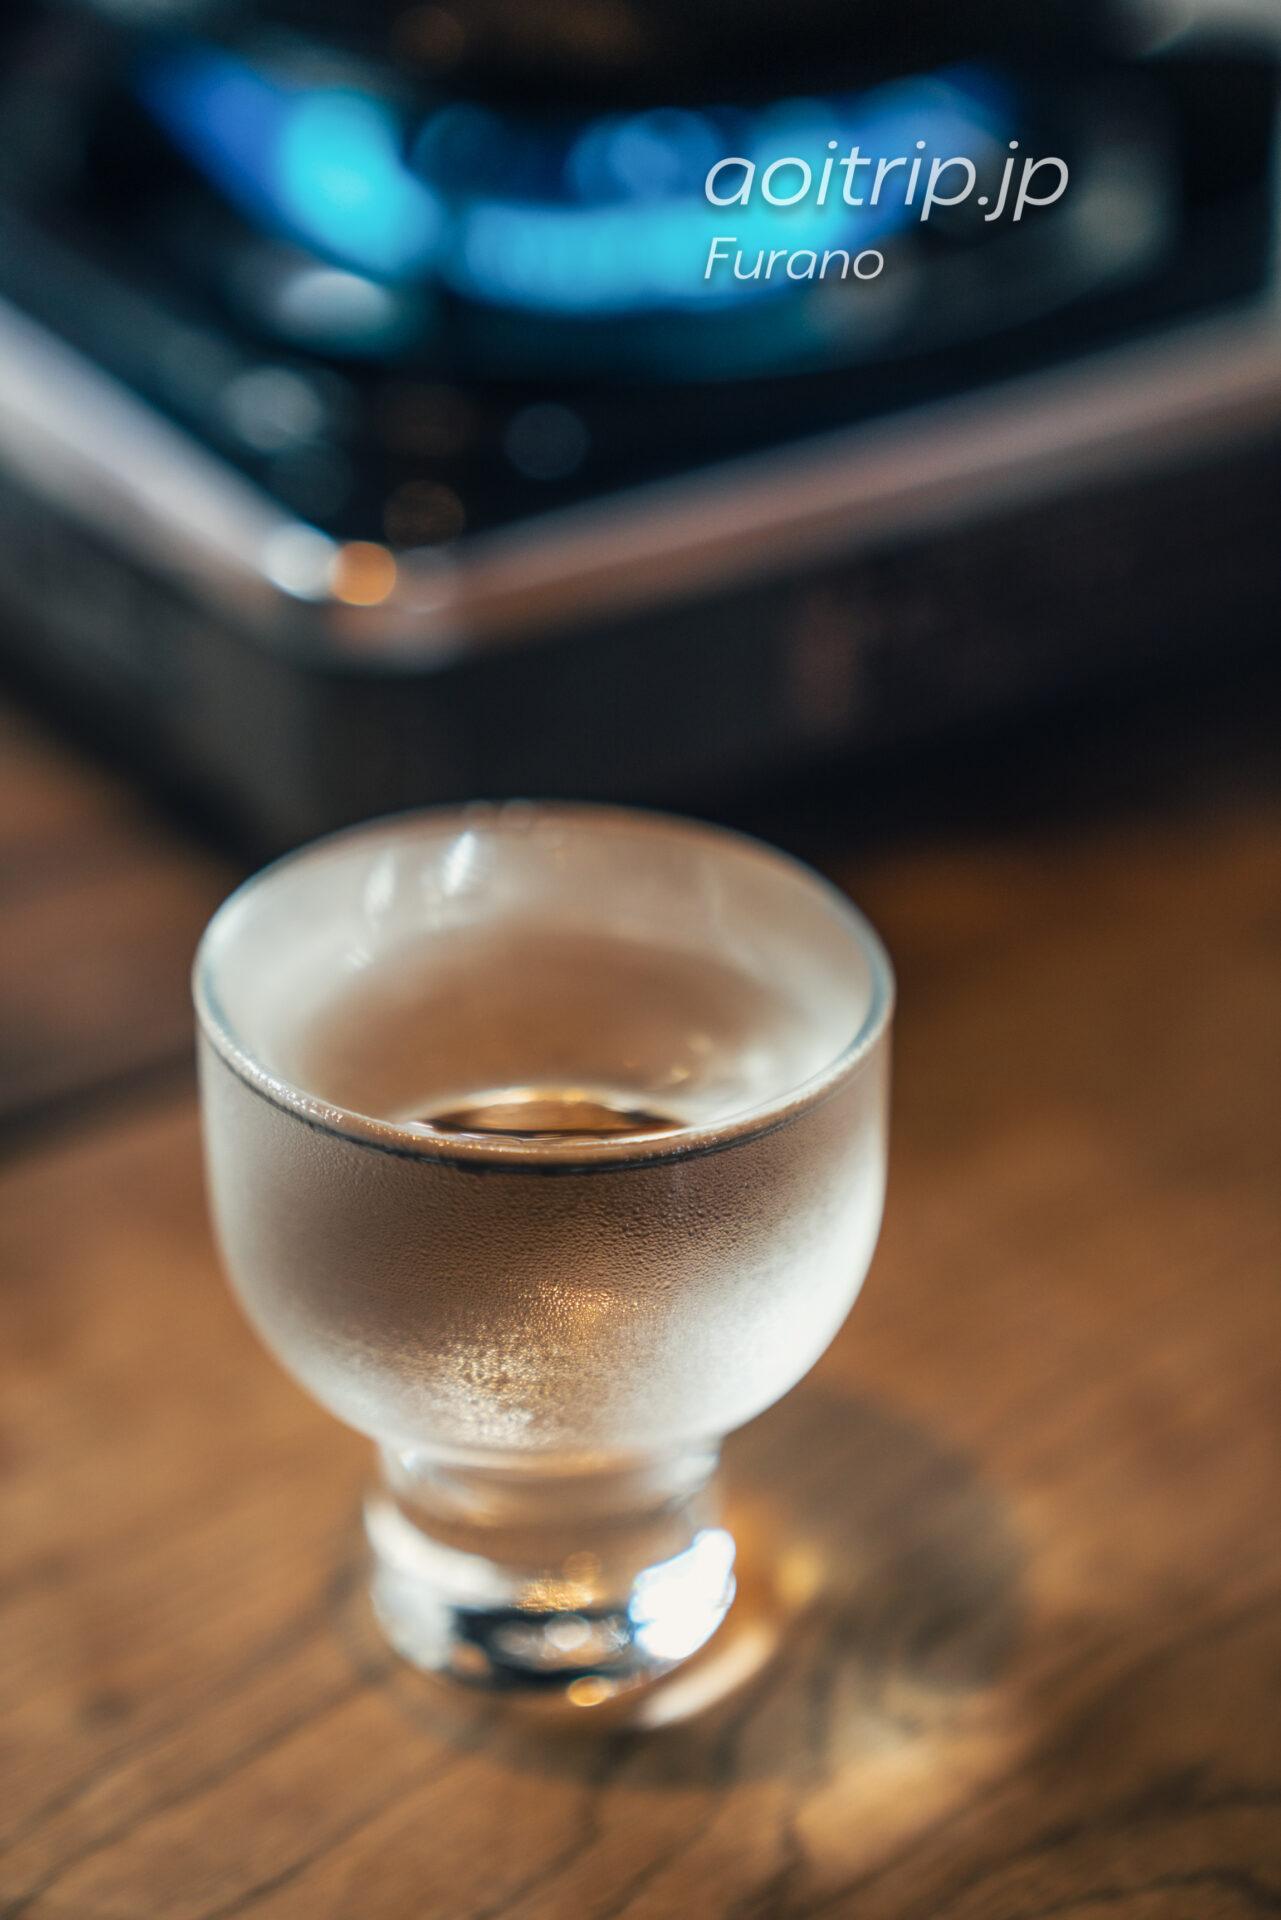 富良野くまげらオリジナル日本酒「くまげら」